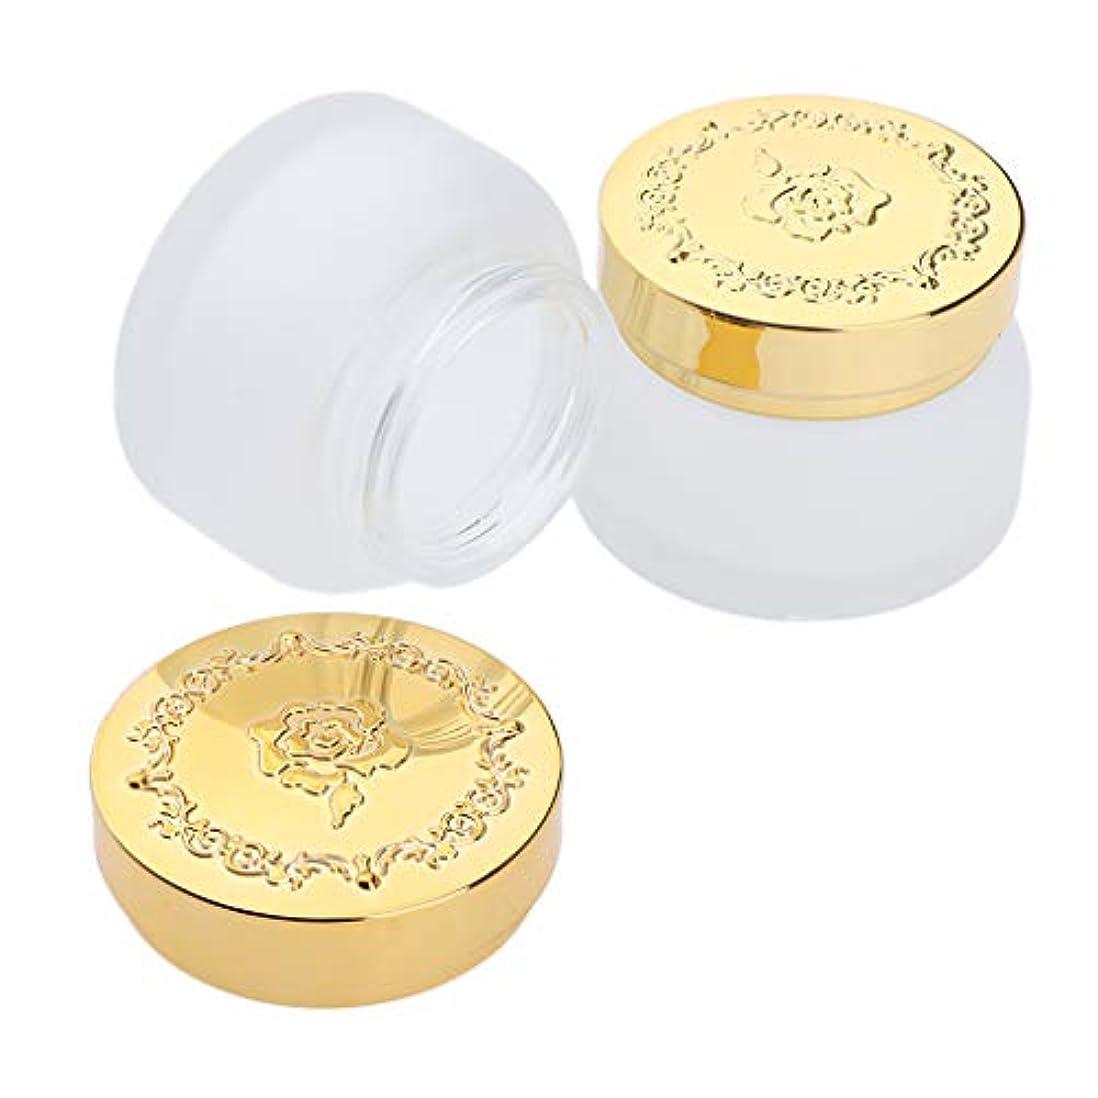 パイントバレル野球Perfeclan 2個 メイクアップジャー ガラス クリームジャー 手作り コスメ 化粧品 詰め替え容器 2サイズ選べ - 50g